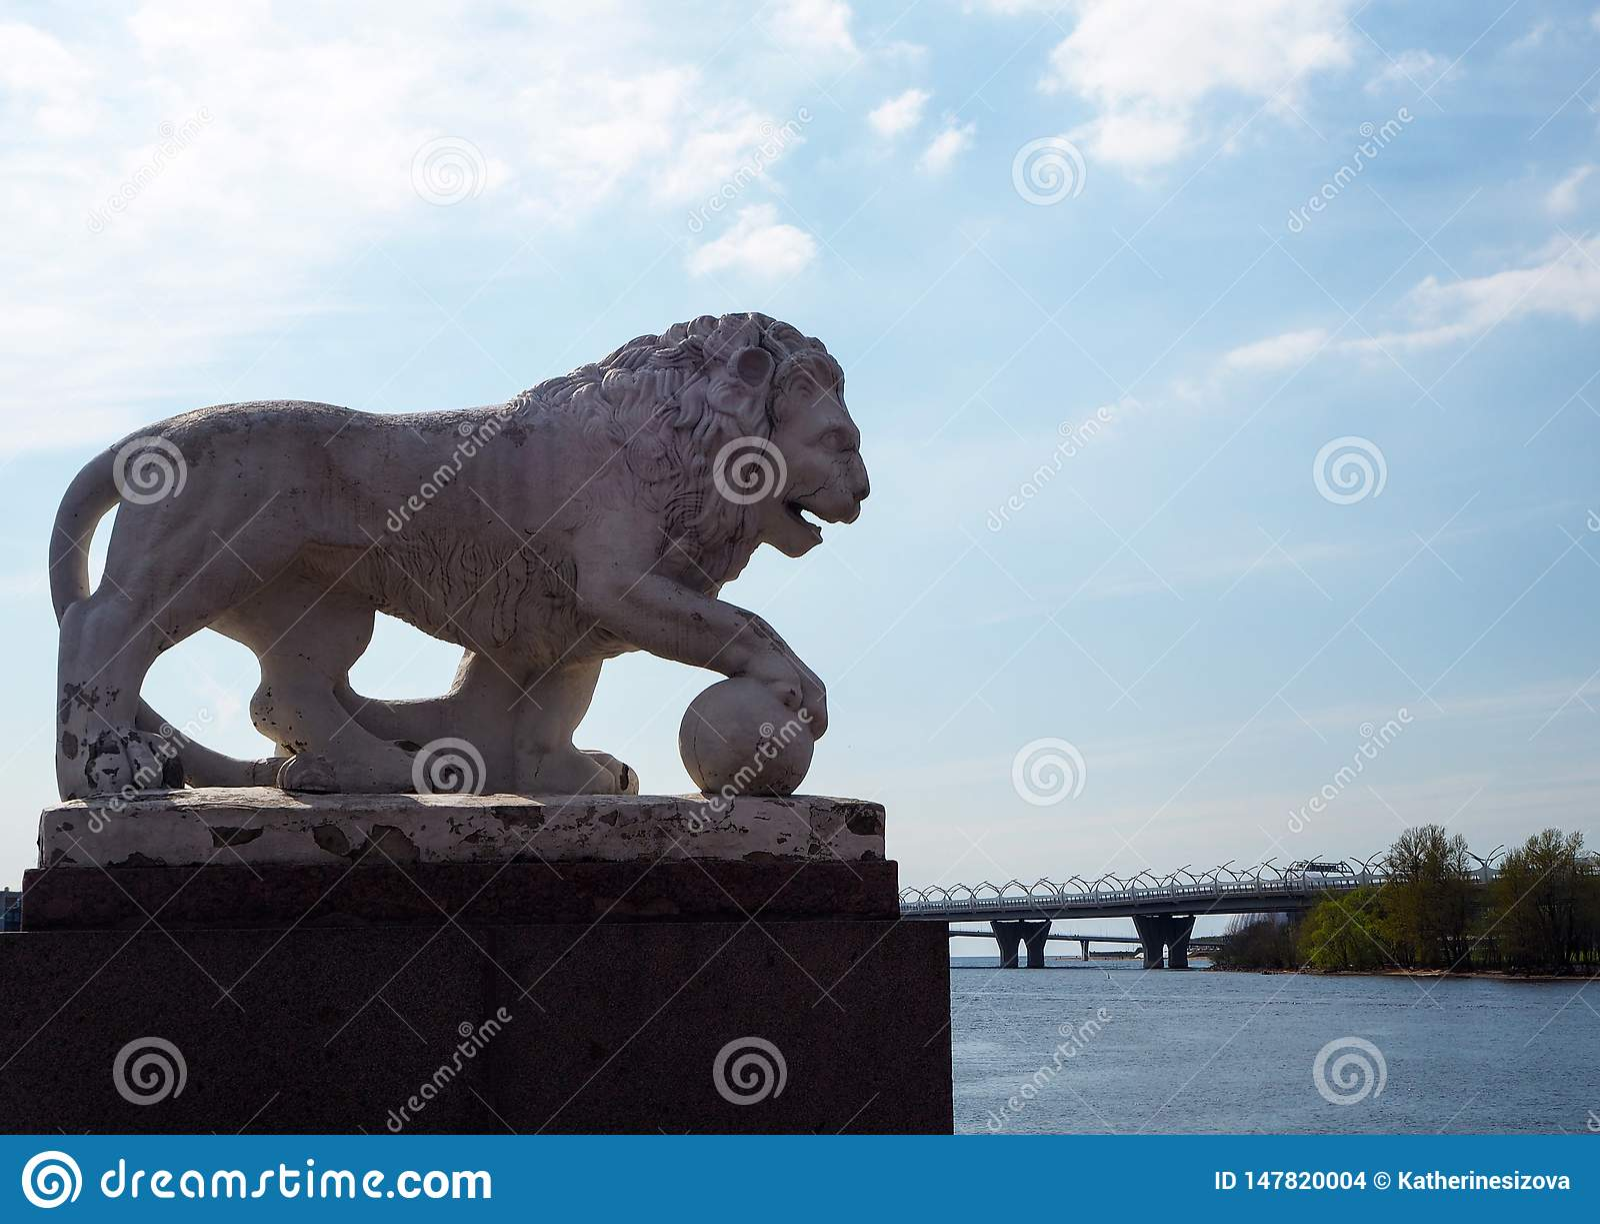 Escultura del le?n de piedra blanco en la orilla del r?o en el parque de la ciudad